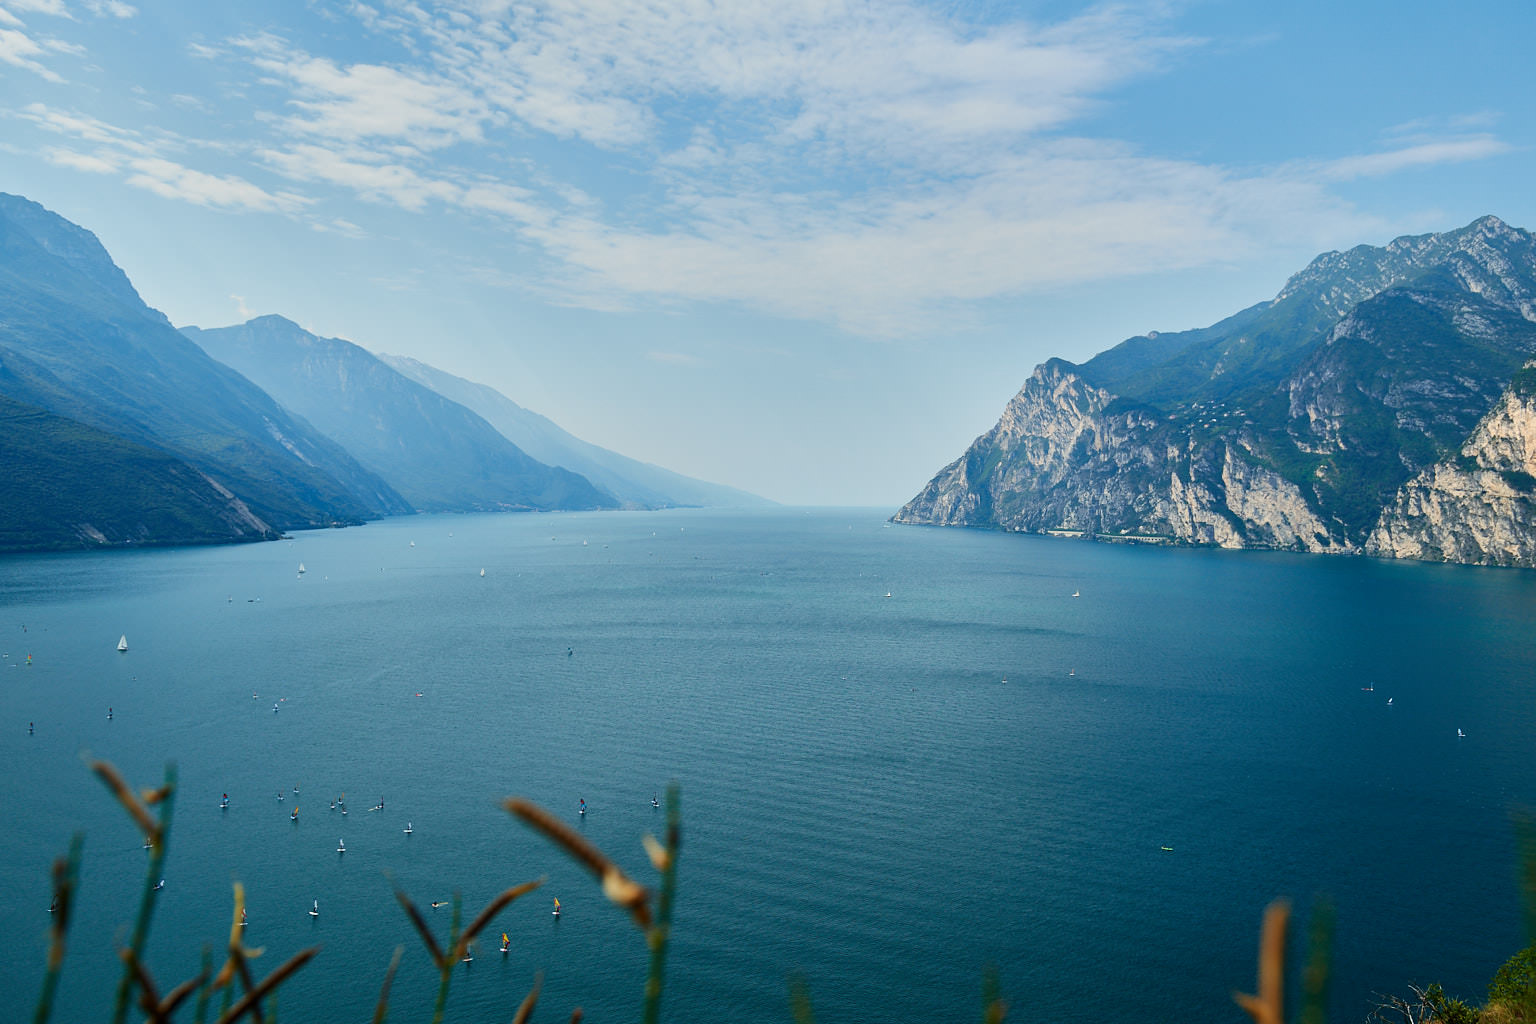 Ausblick vom Monte Brione auf den Gardasee